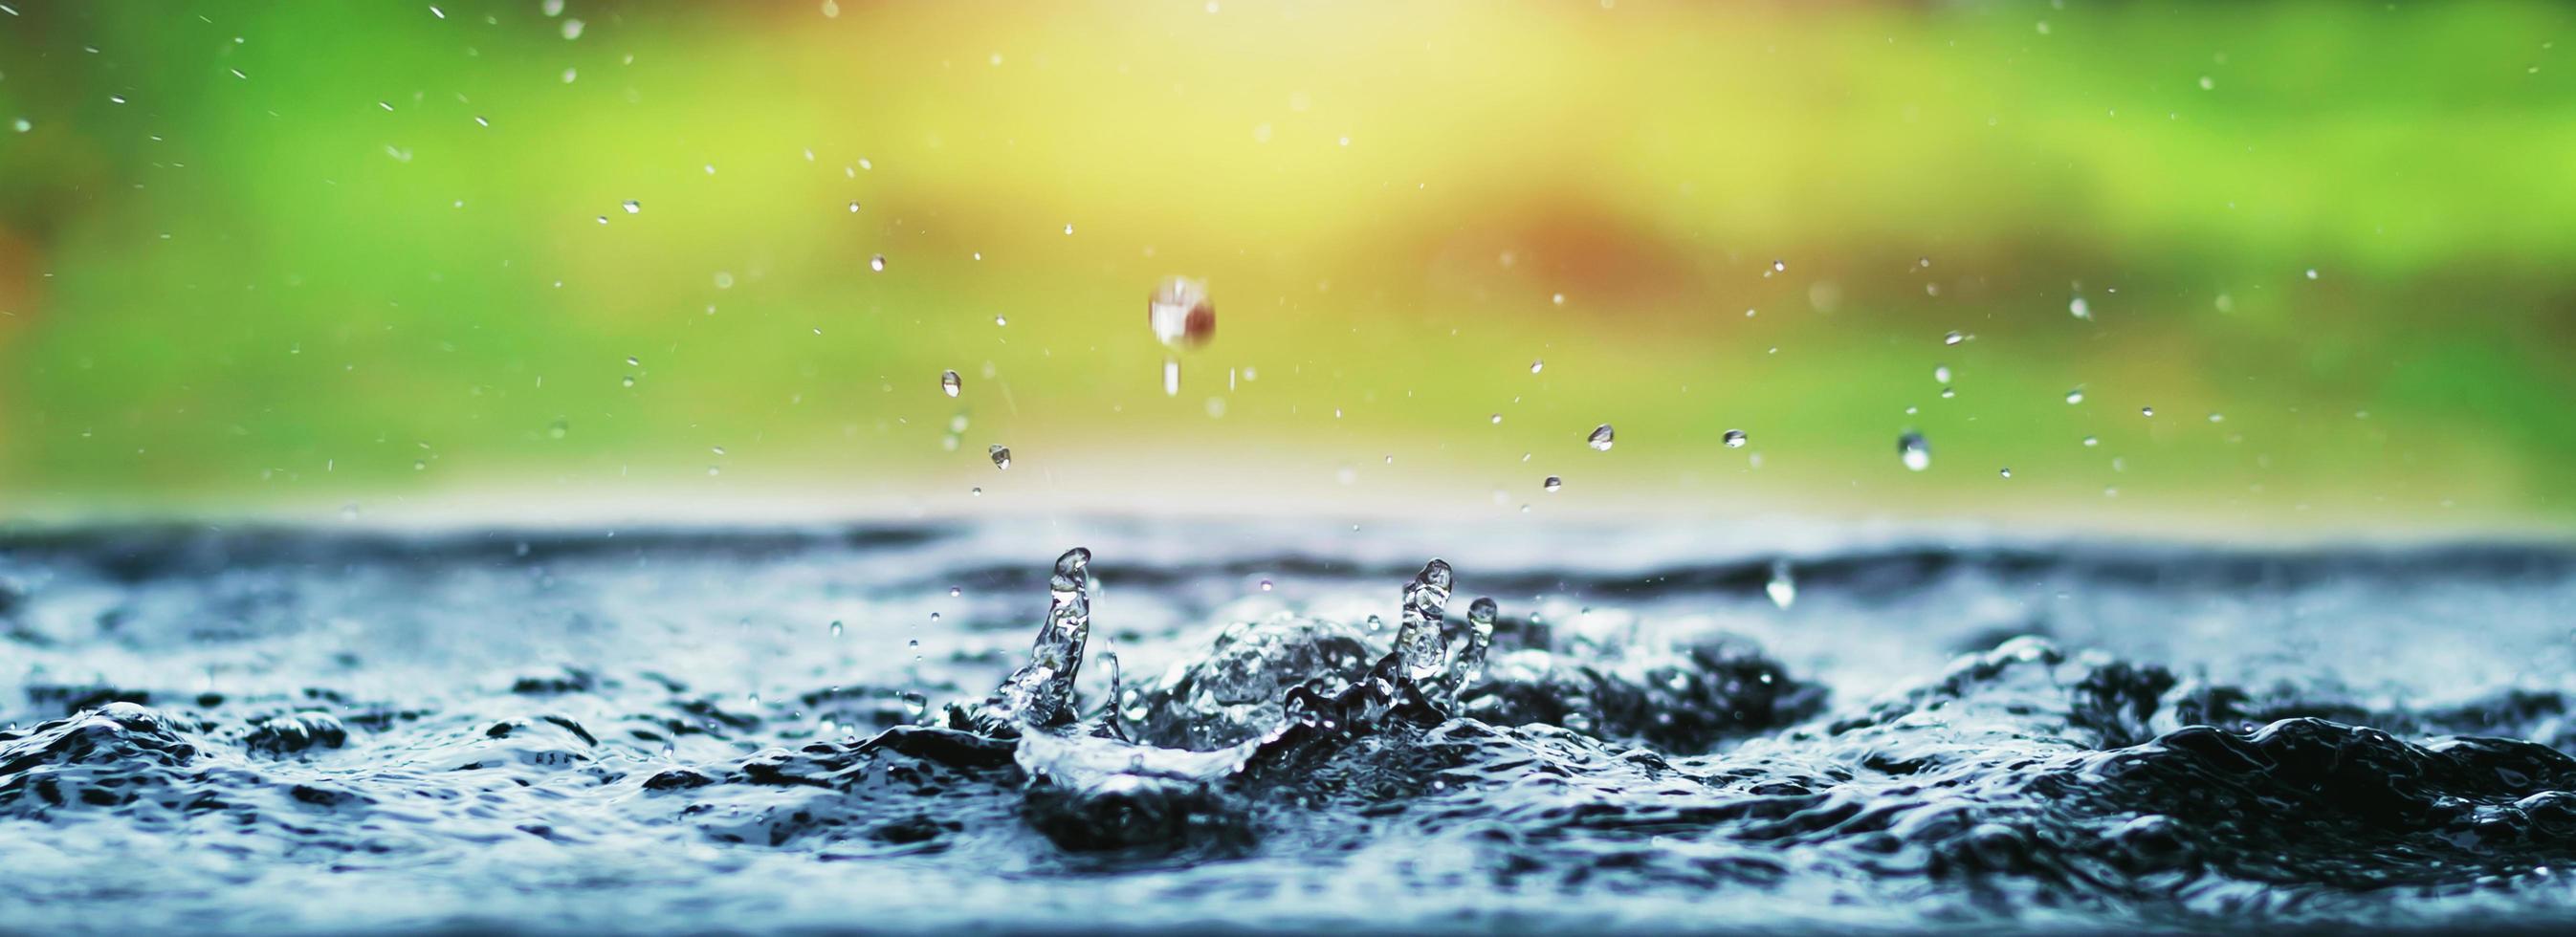 gotas de agua salpicando foto